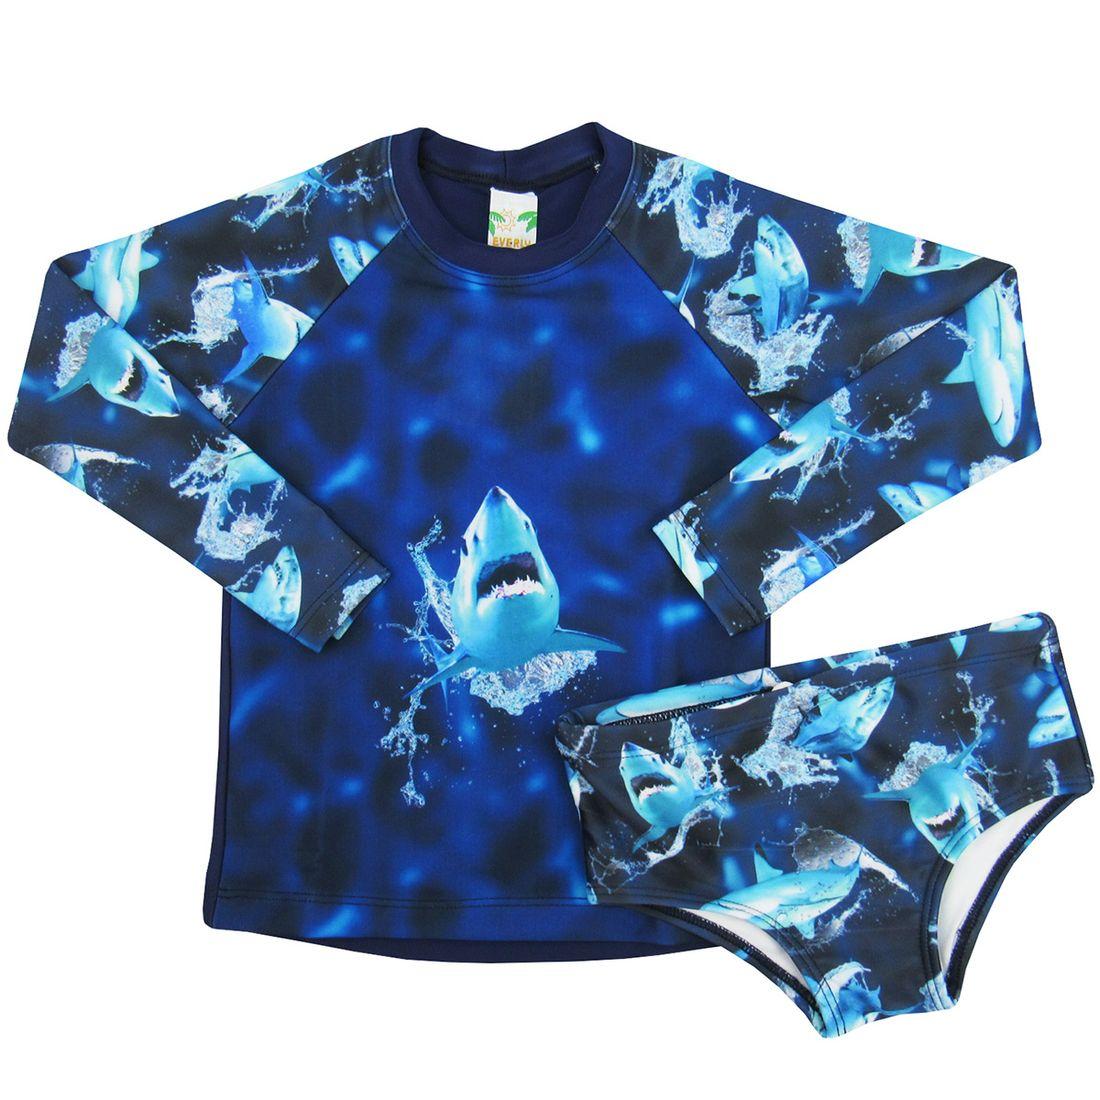 1737d7e577 Camiseta Infantil Manga Longa com Sunga Proteção UV 50+ Tubarão ...